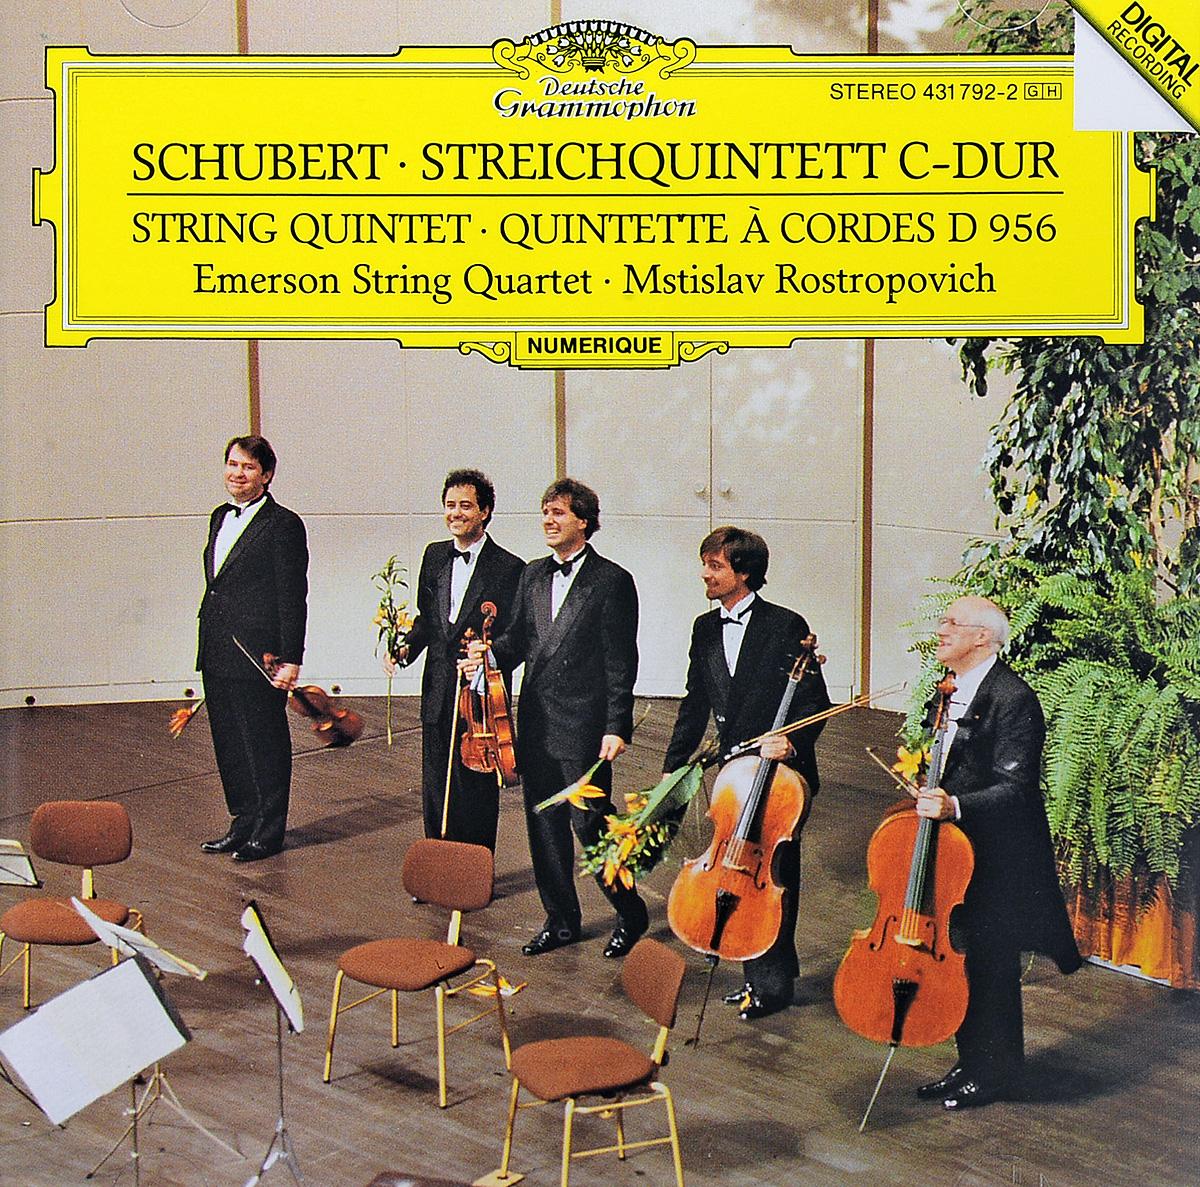 Schubert. Emerson String Quartet. Mstislav Rostropovich. Streichquintett C-dur (String Quintet · Quintette А Cordes D 956) цена в Москве и Питере